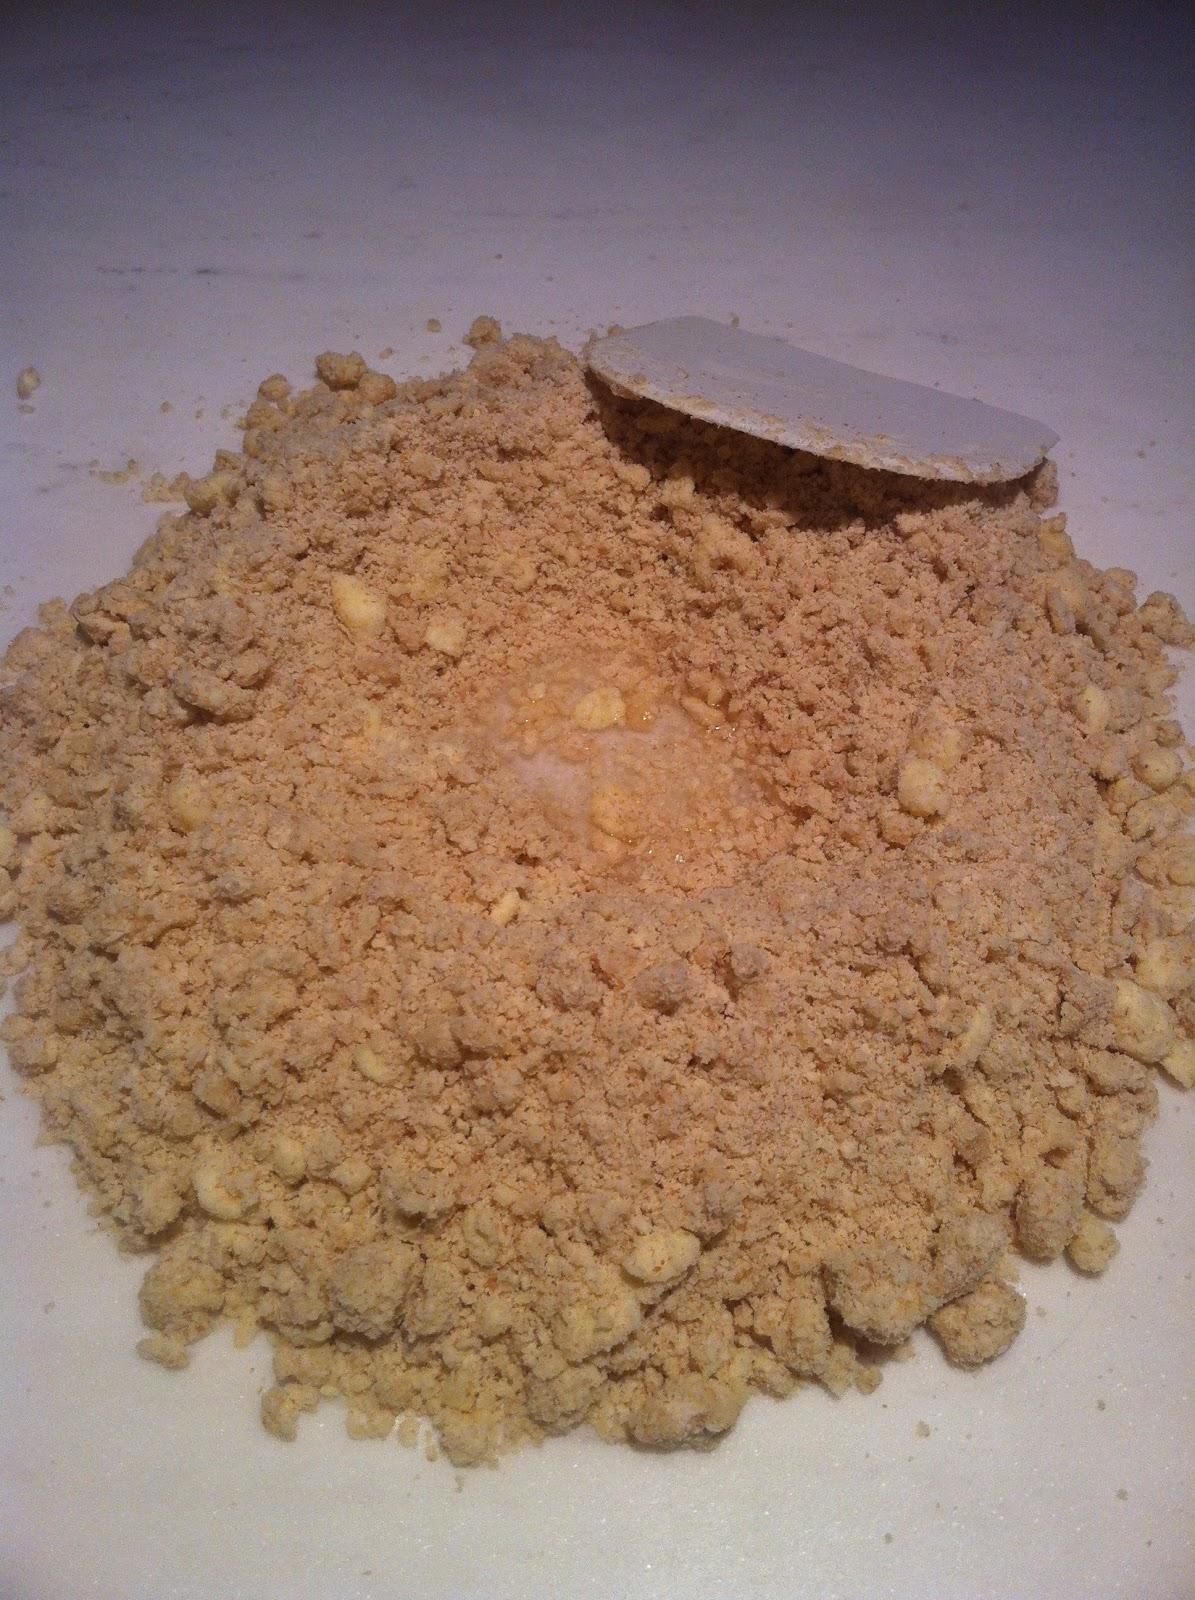 Com um  cornet , pique os pedaços de manteiga rapidamente, misturando-os com os ingredientes, até formar uma farofa. Transfira esta farofa para uma superfície de trabalho limpa e faça um buraco no meio dela. Vá adicionando a água gelada aos poucos, à medida em que mistura tudo com o  cornet .